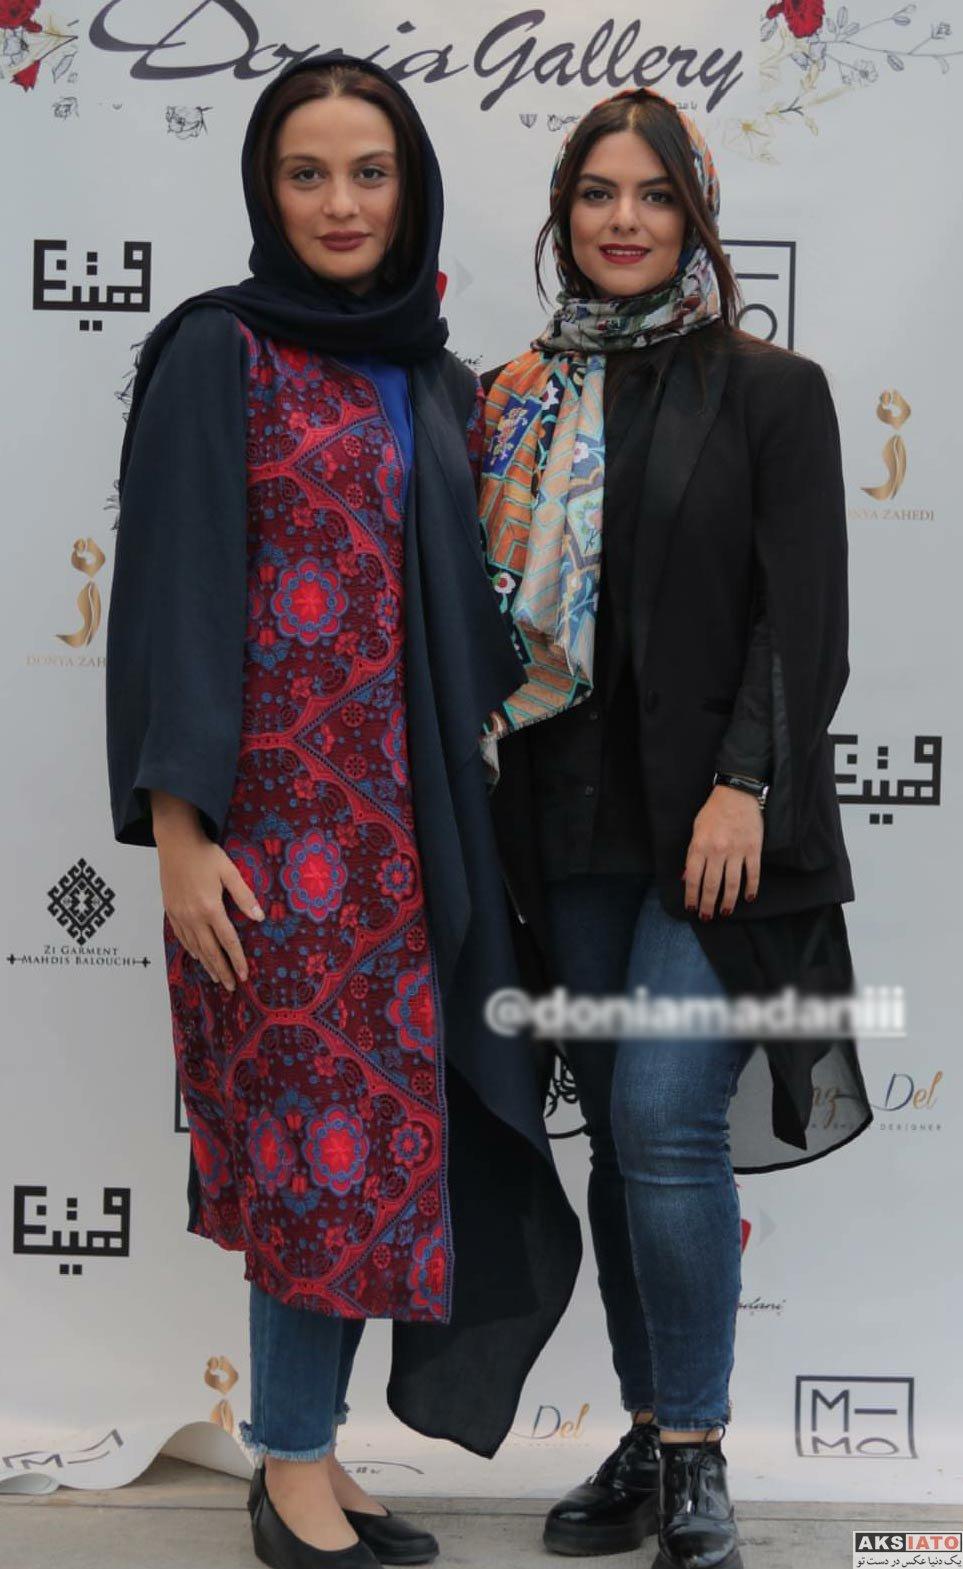 بازیگران بازیگران زن ایرانی  عکس های مارال فرجاد در دی ماه ۹۶ (8 تصویر)